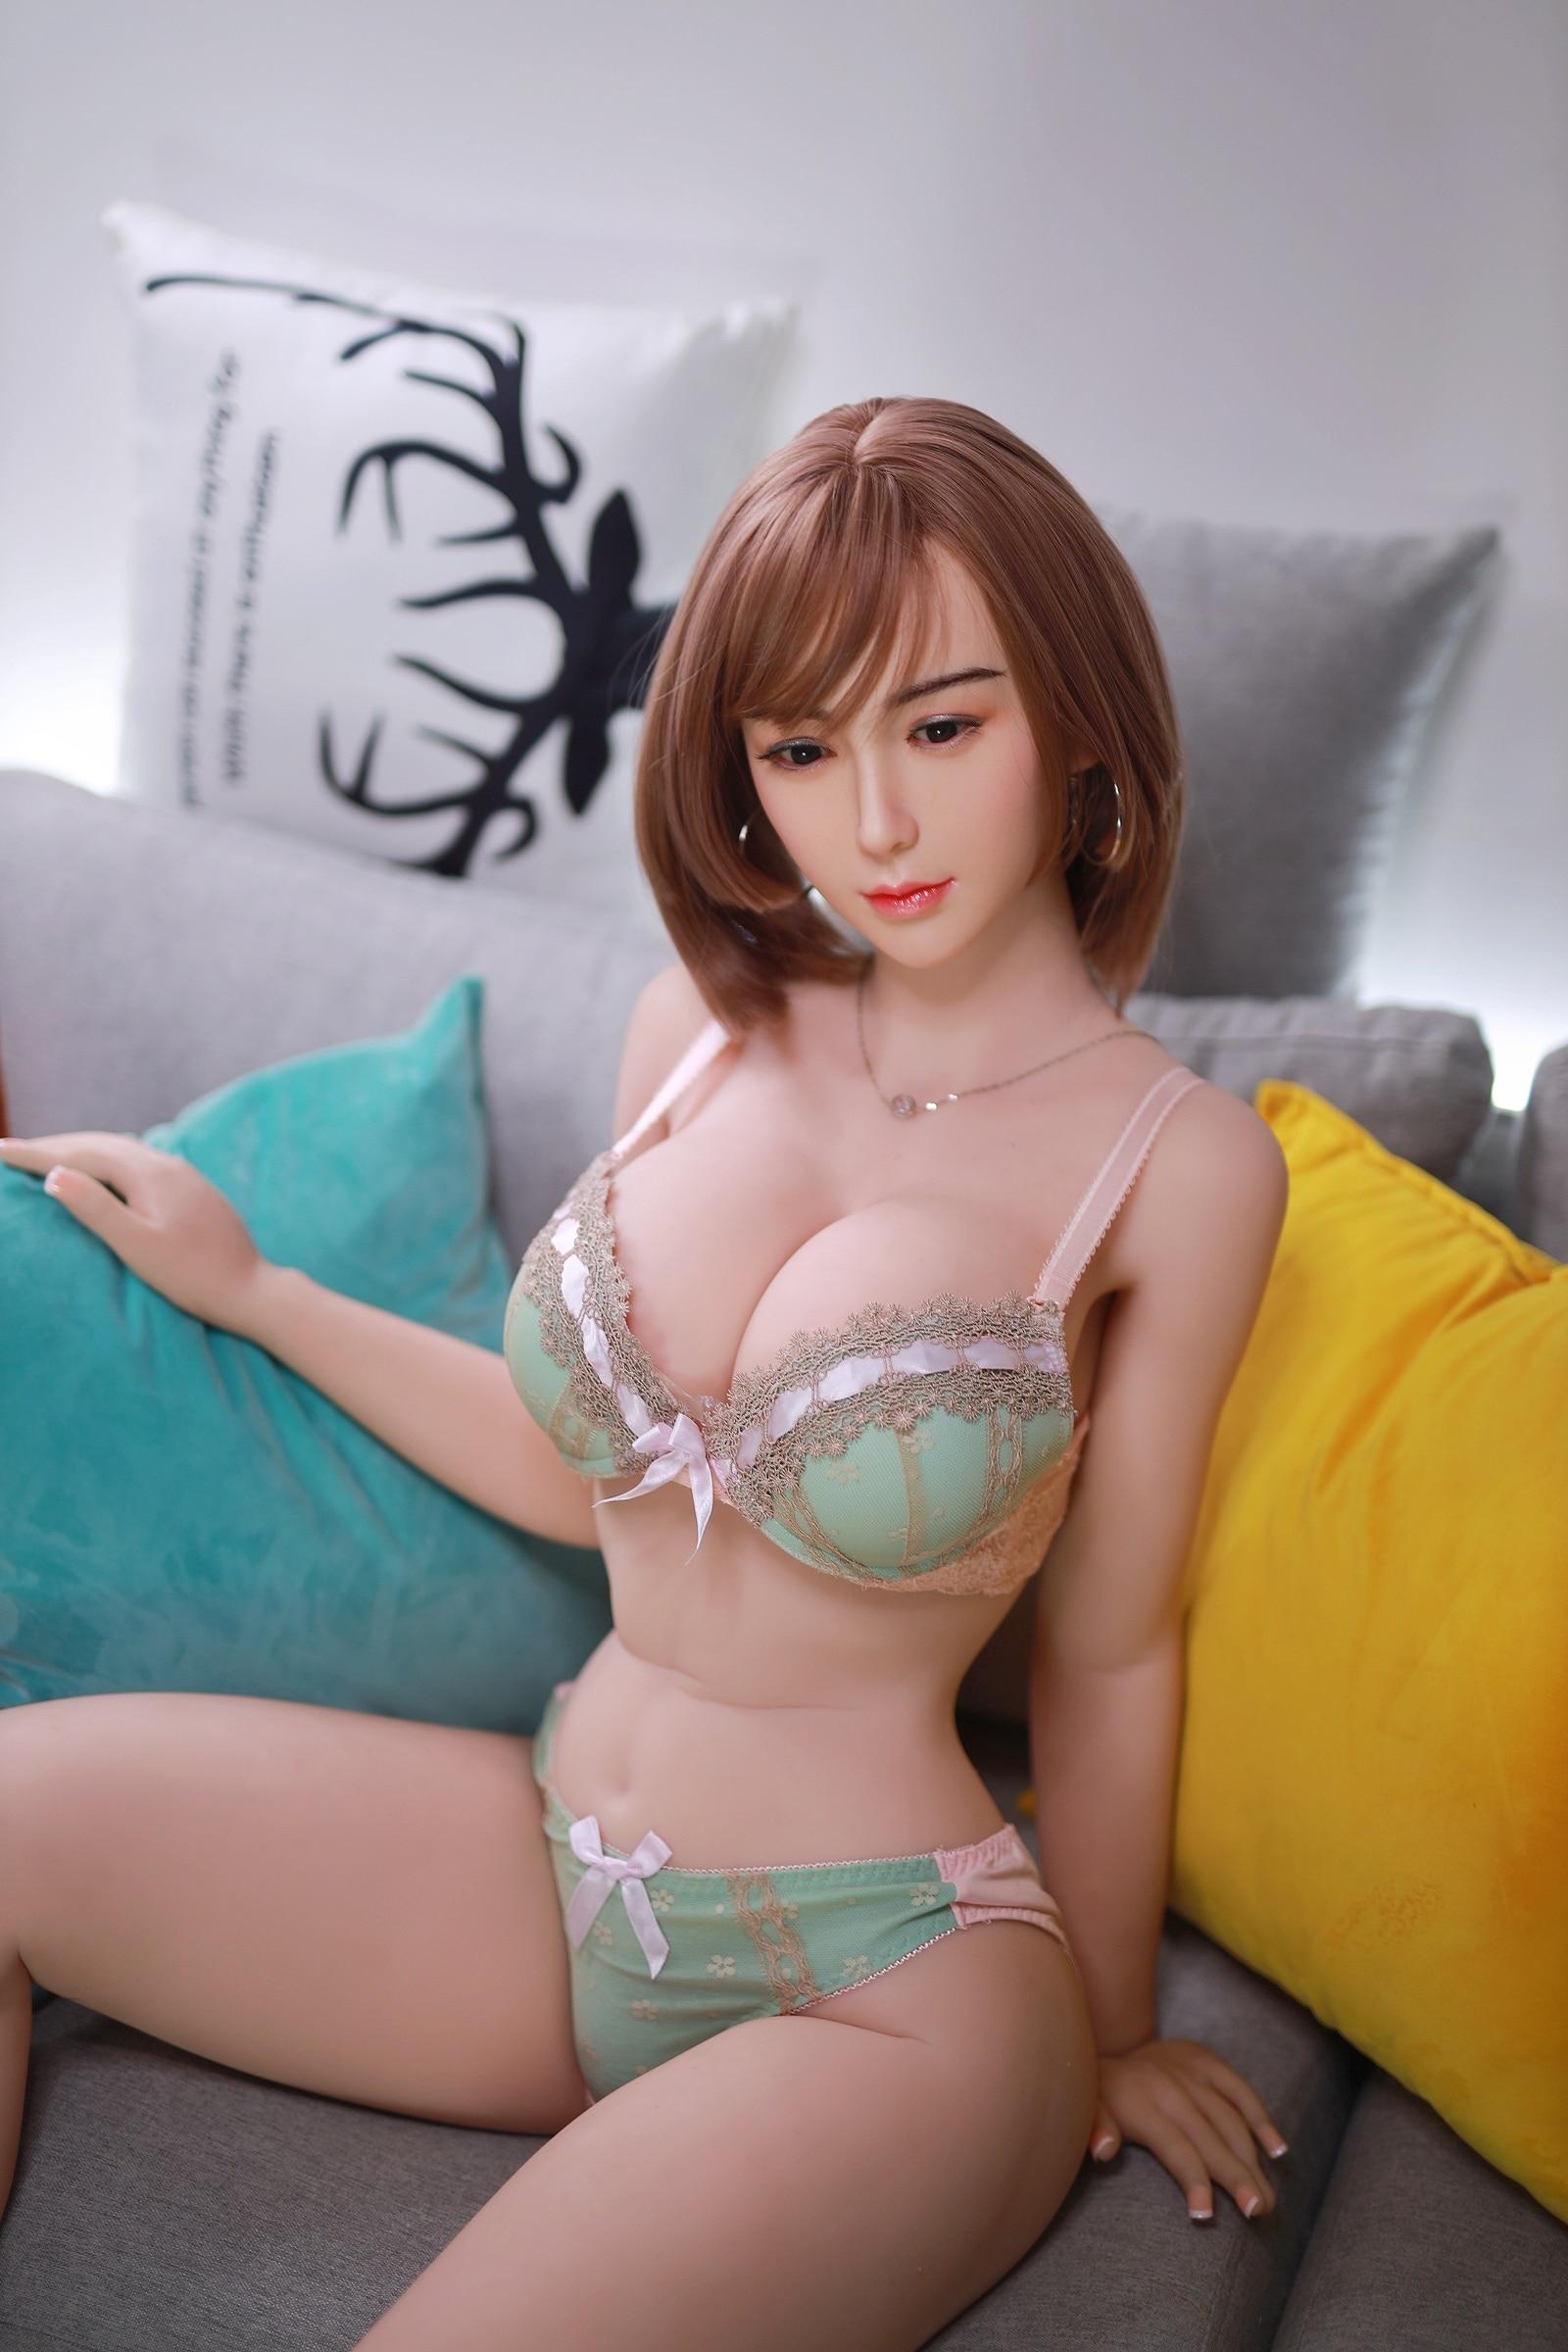 H634183ee0c9e4d289106e4983c80b670I Empleos de Avante de silicona muñeca del sexo para los hombres de peluche de grandes pechos muñeca de amor verdadero Oral Anal coño adulto muñeca Sexy